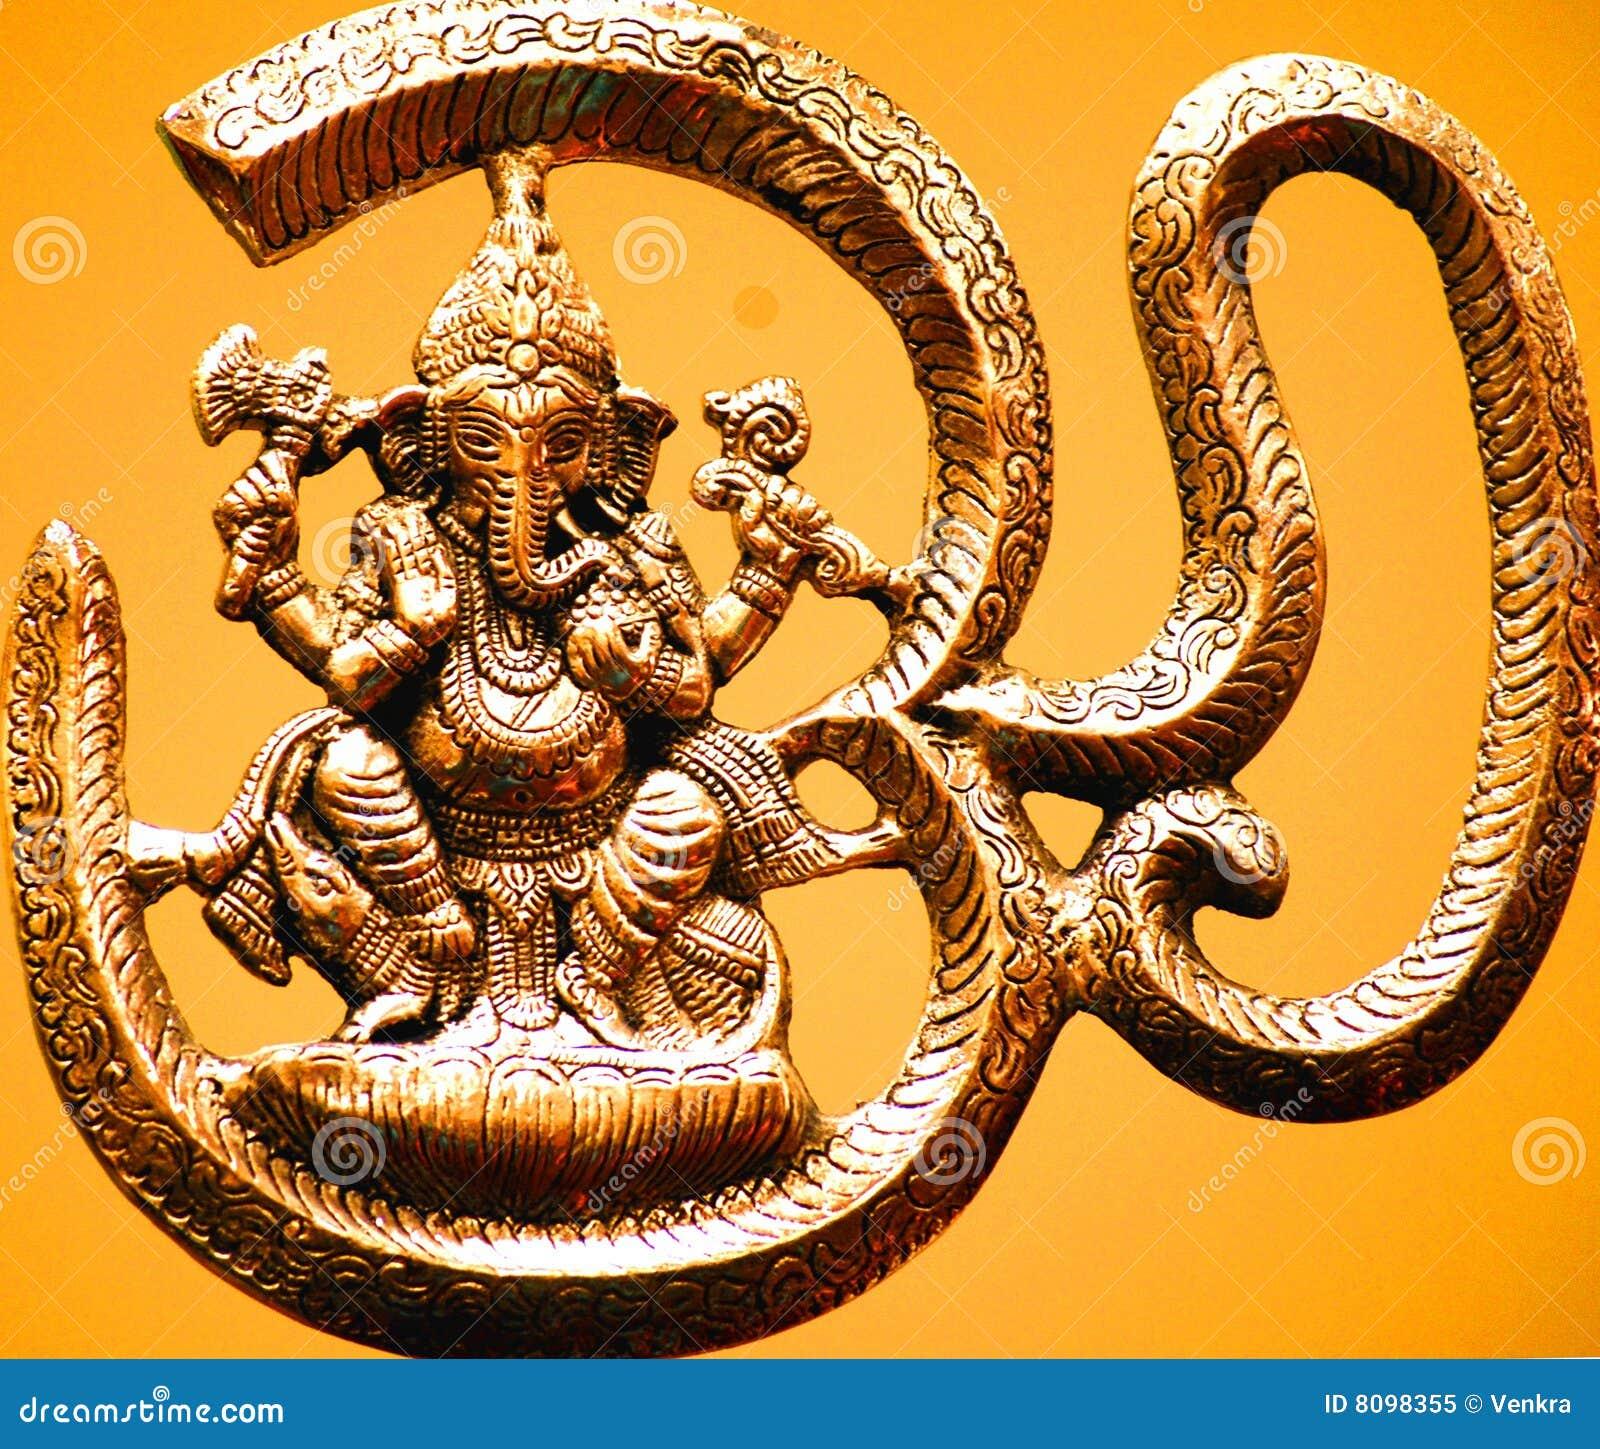 upanishad stock photos royalty free images